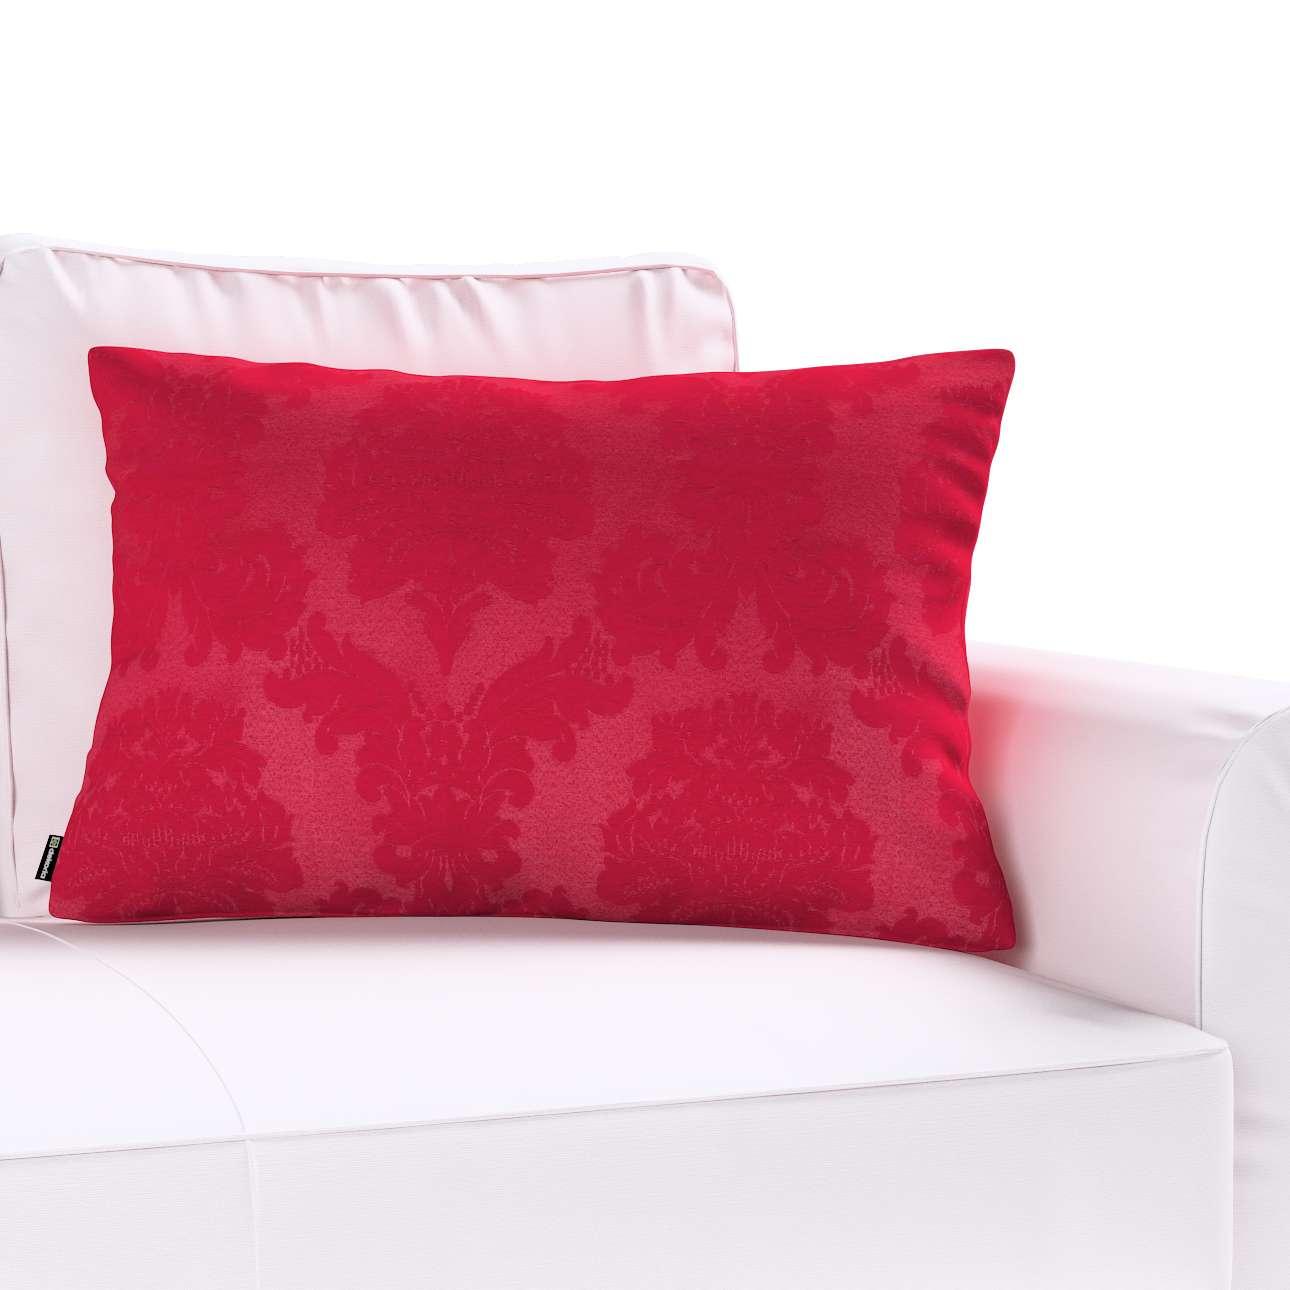 Kinga dekoratyvinės pagalvėlės užvalkalas 60x40cm 60 × 40 cm kolekcijoje Damasco, audinys: 613-13